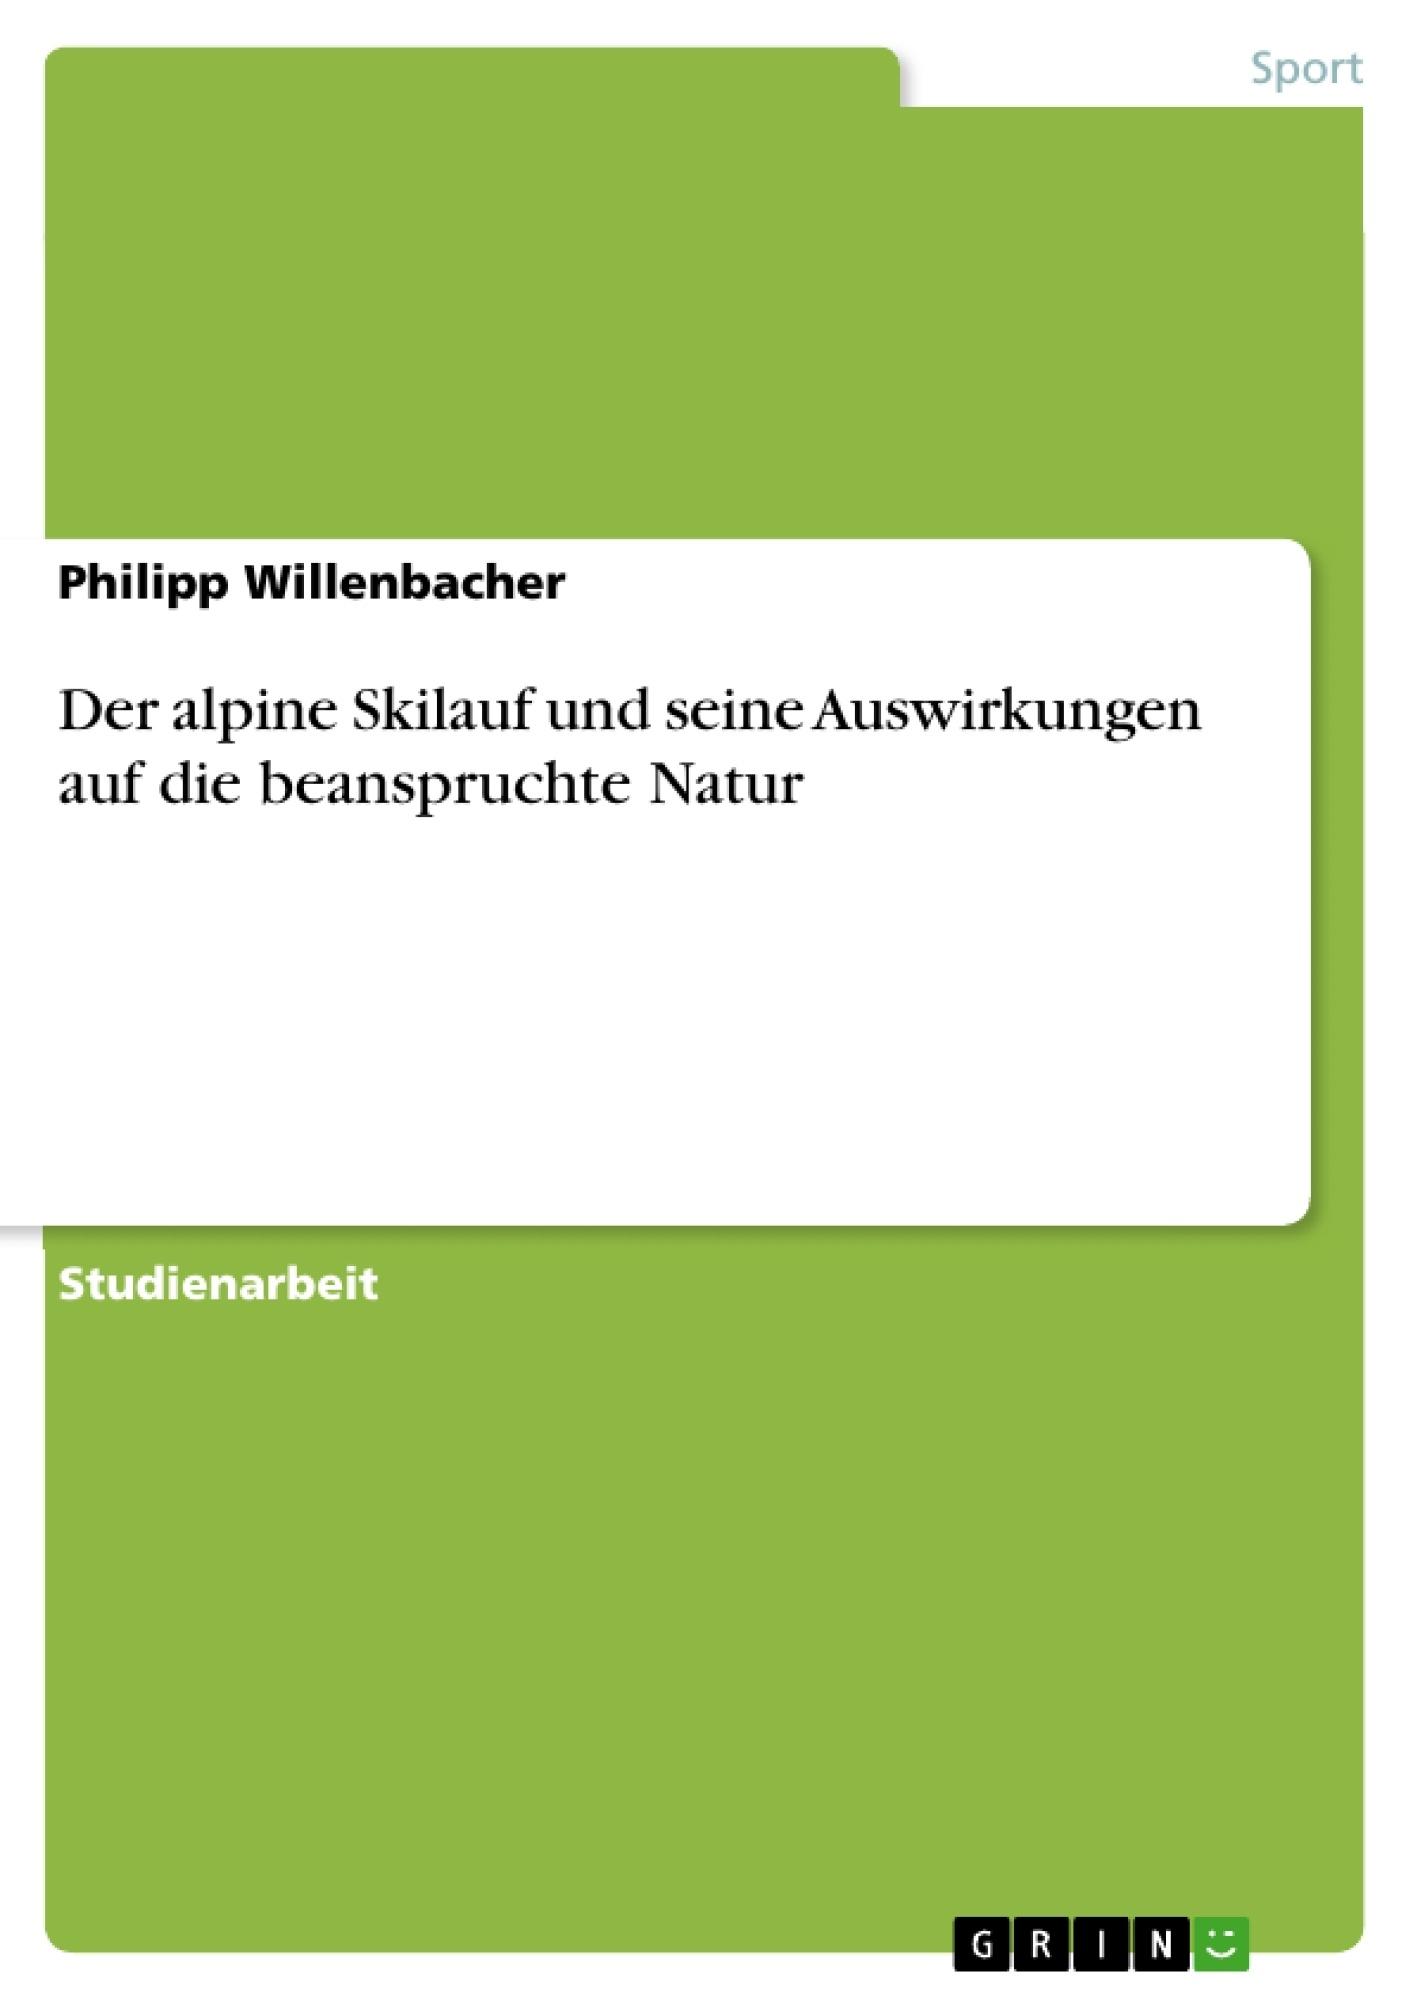 Titel: Der alpine Skilauf und seine Auswirkungen auf die beanspruchte Natur